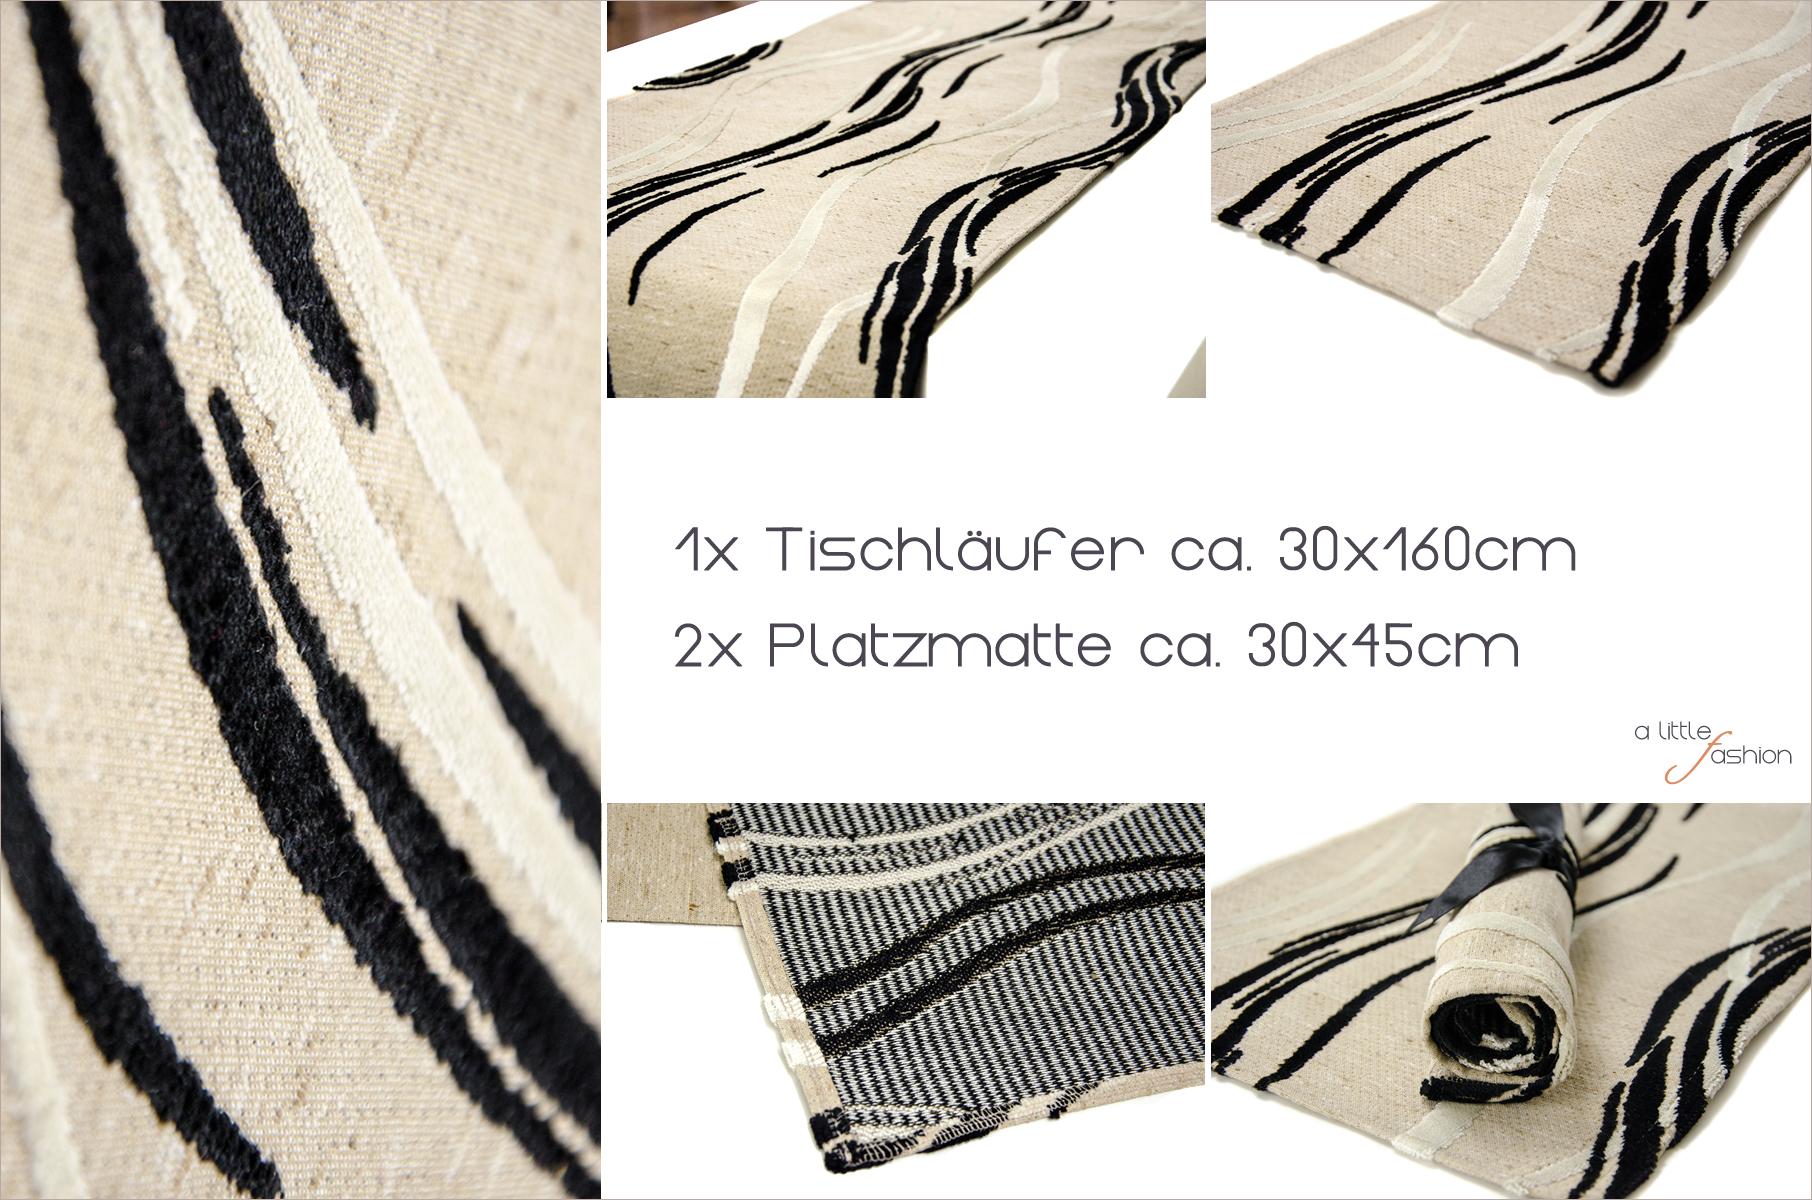 Gewinnt ein edled Tischset (1 Tischläufer + 2 Platzmatten) | A Little Fashion Geburtstagssause #2 | https://www.filizity.com/wohnen-2/alittlefashion-geburtstagssause-giveaway-2